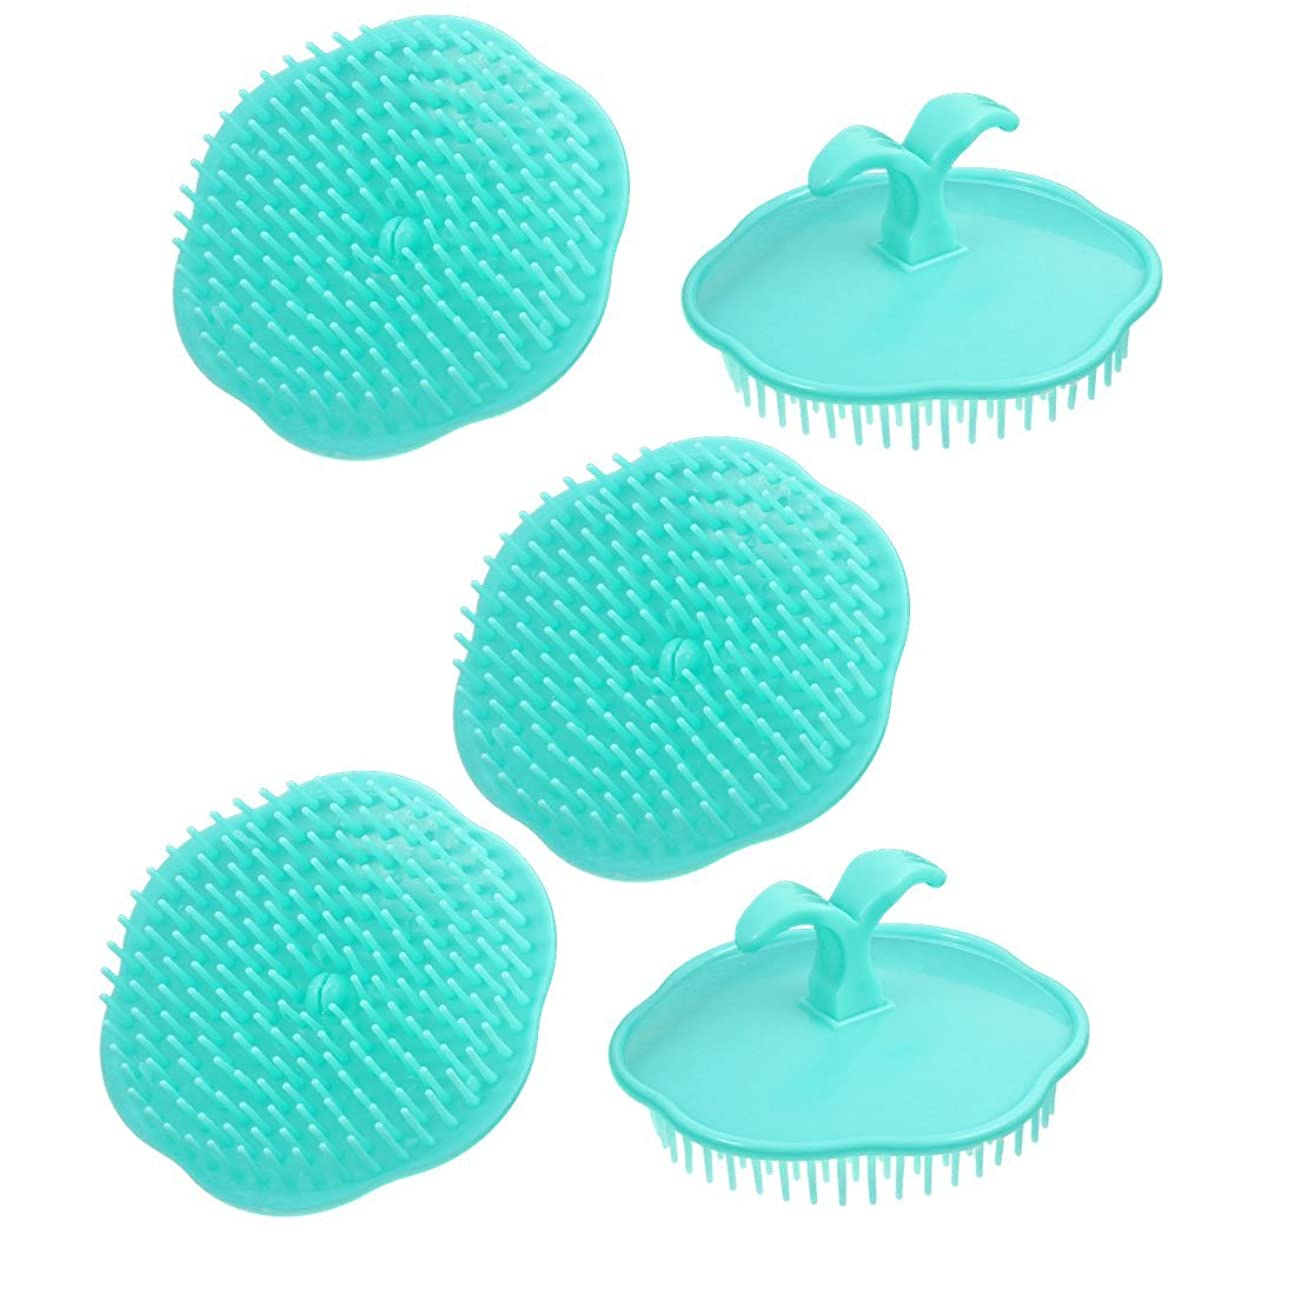 未満会計青uxcell シャンプーブラシ 洗髪櫛 マッサージャー プラスチック シアン 5個